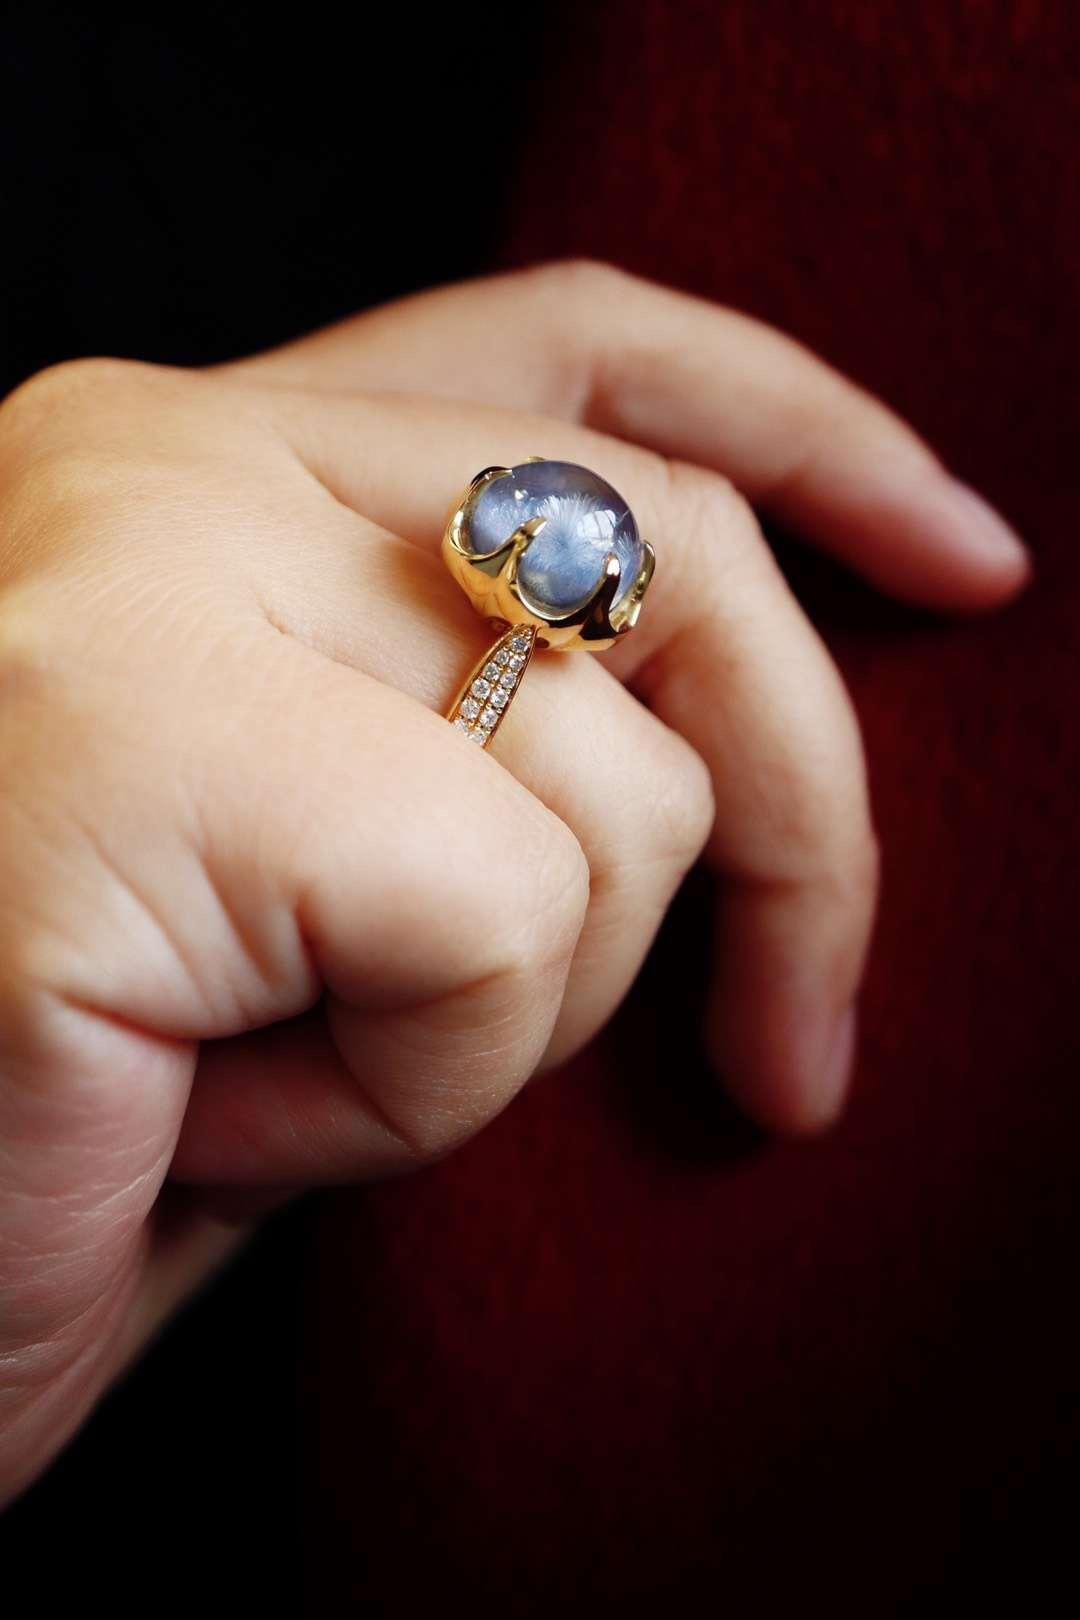 【蓝发晶】让我们在美好里学会慢慢静心感受生活的分分秒秒-菩心晶舍